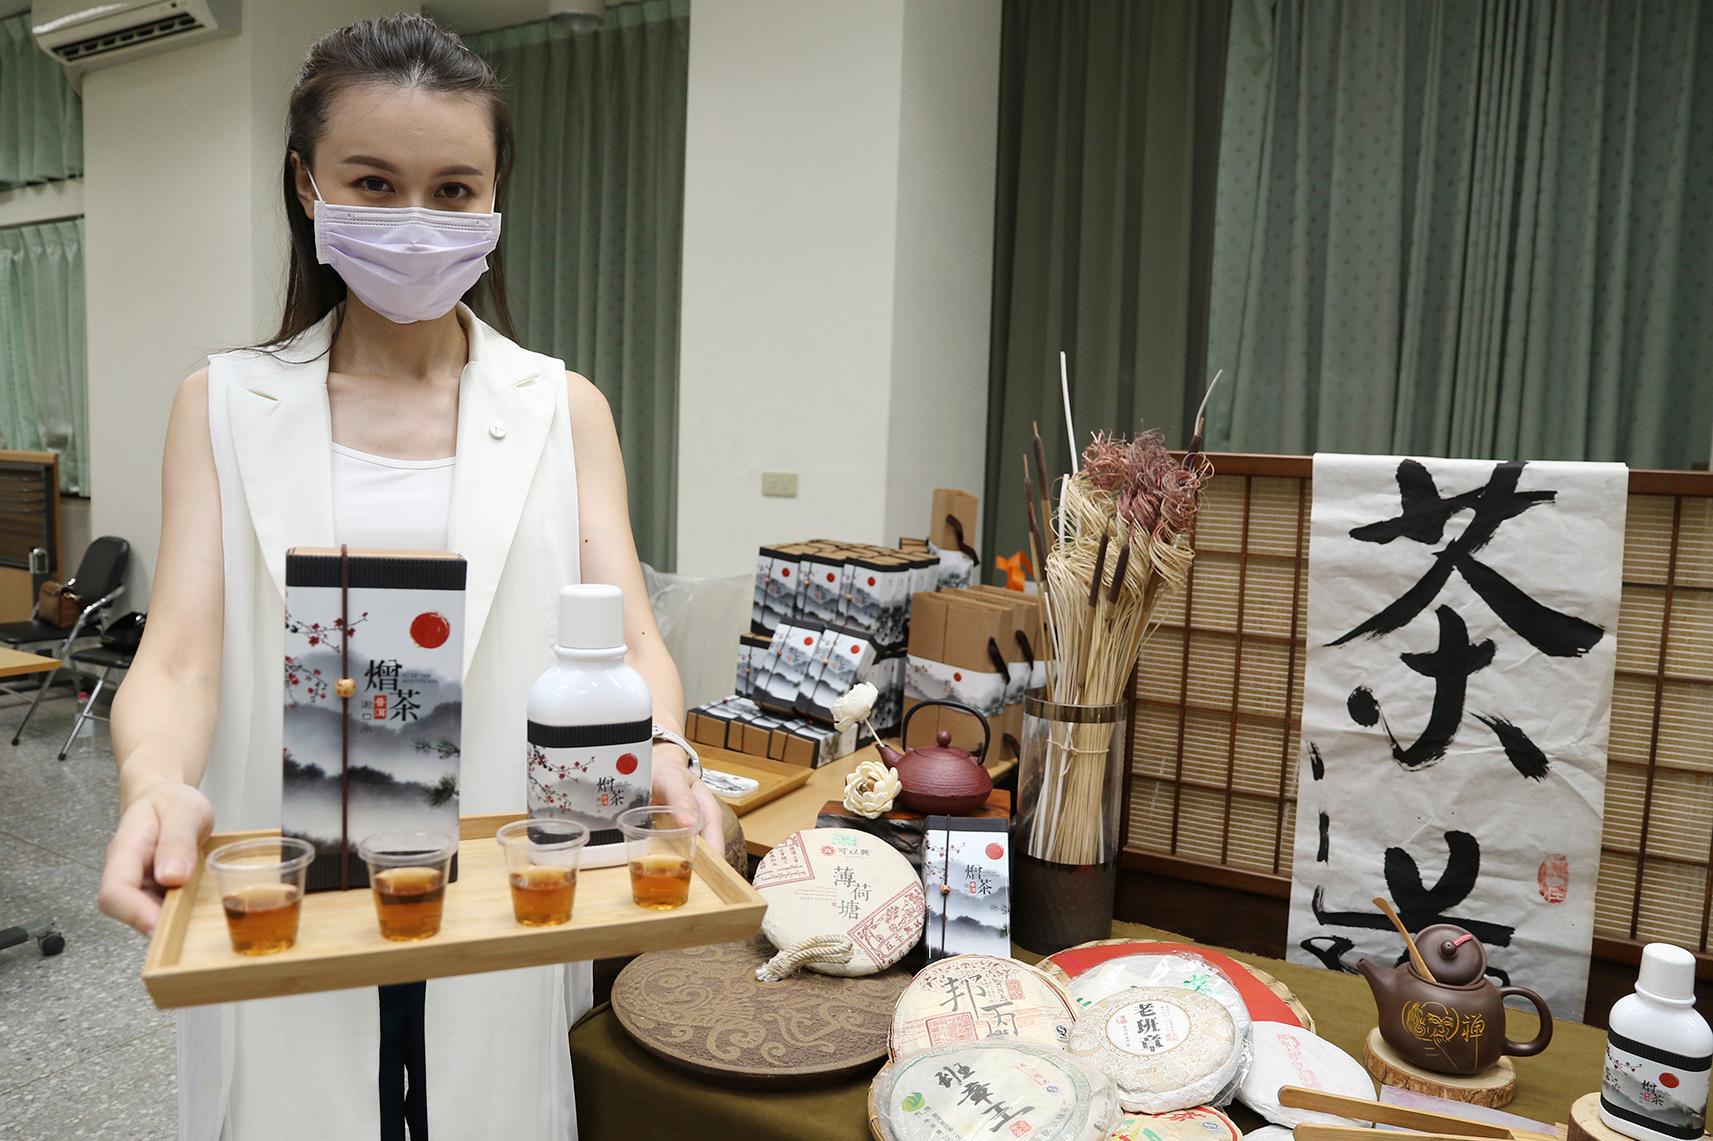 興大團隊實驗證實普洱茶具有防蛀牙的作用,成果將於10月刊登國際期刊,並與業者成功開發國內首見的「熷茶普洱漱口水」新品